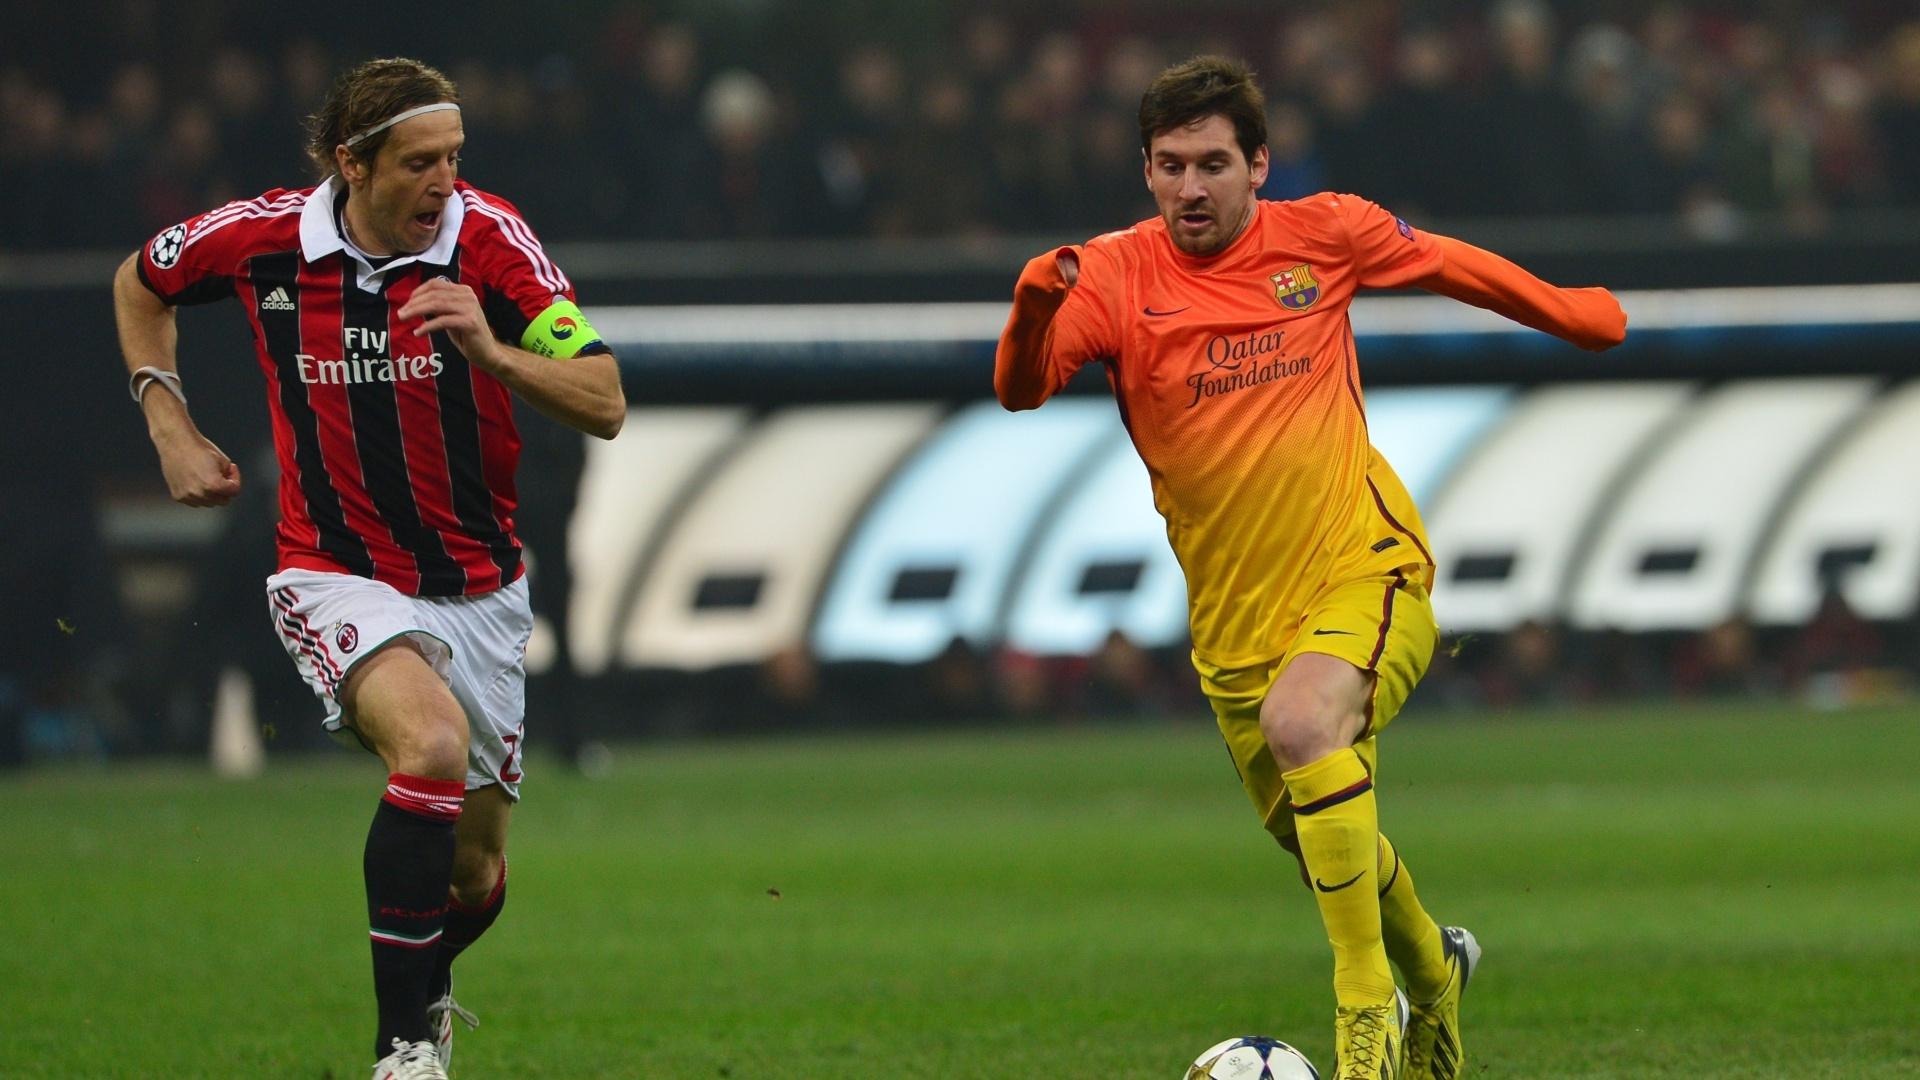 20.fev.2013 - Craque do Barcelona, Messi arranca com a bola marcado de perto por Ambrosini, do Milan, em partida das oitavas da Liga dos Campeões